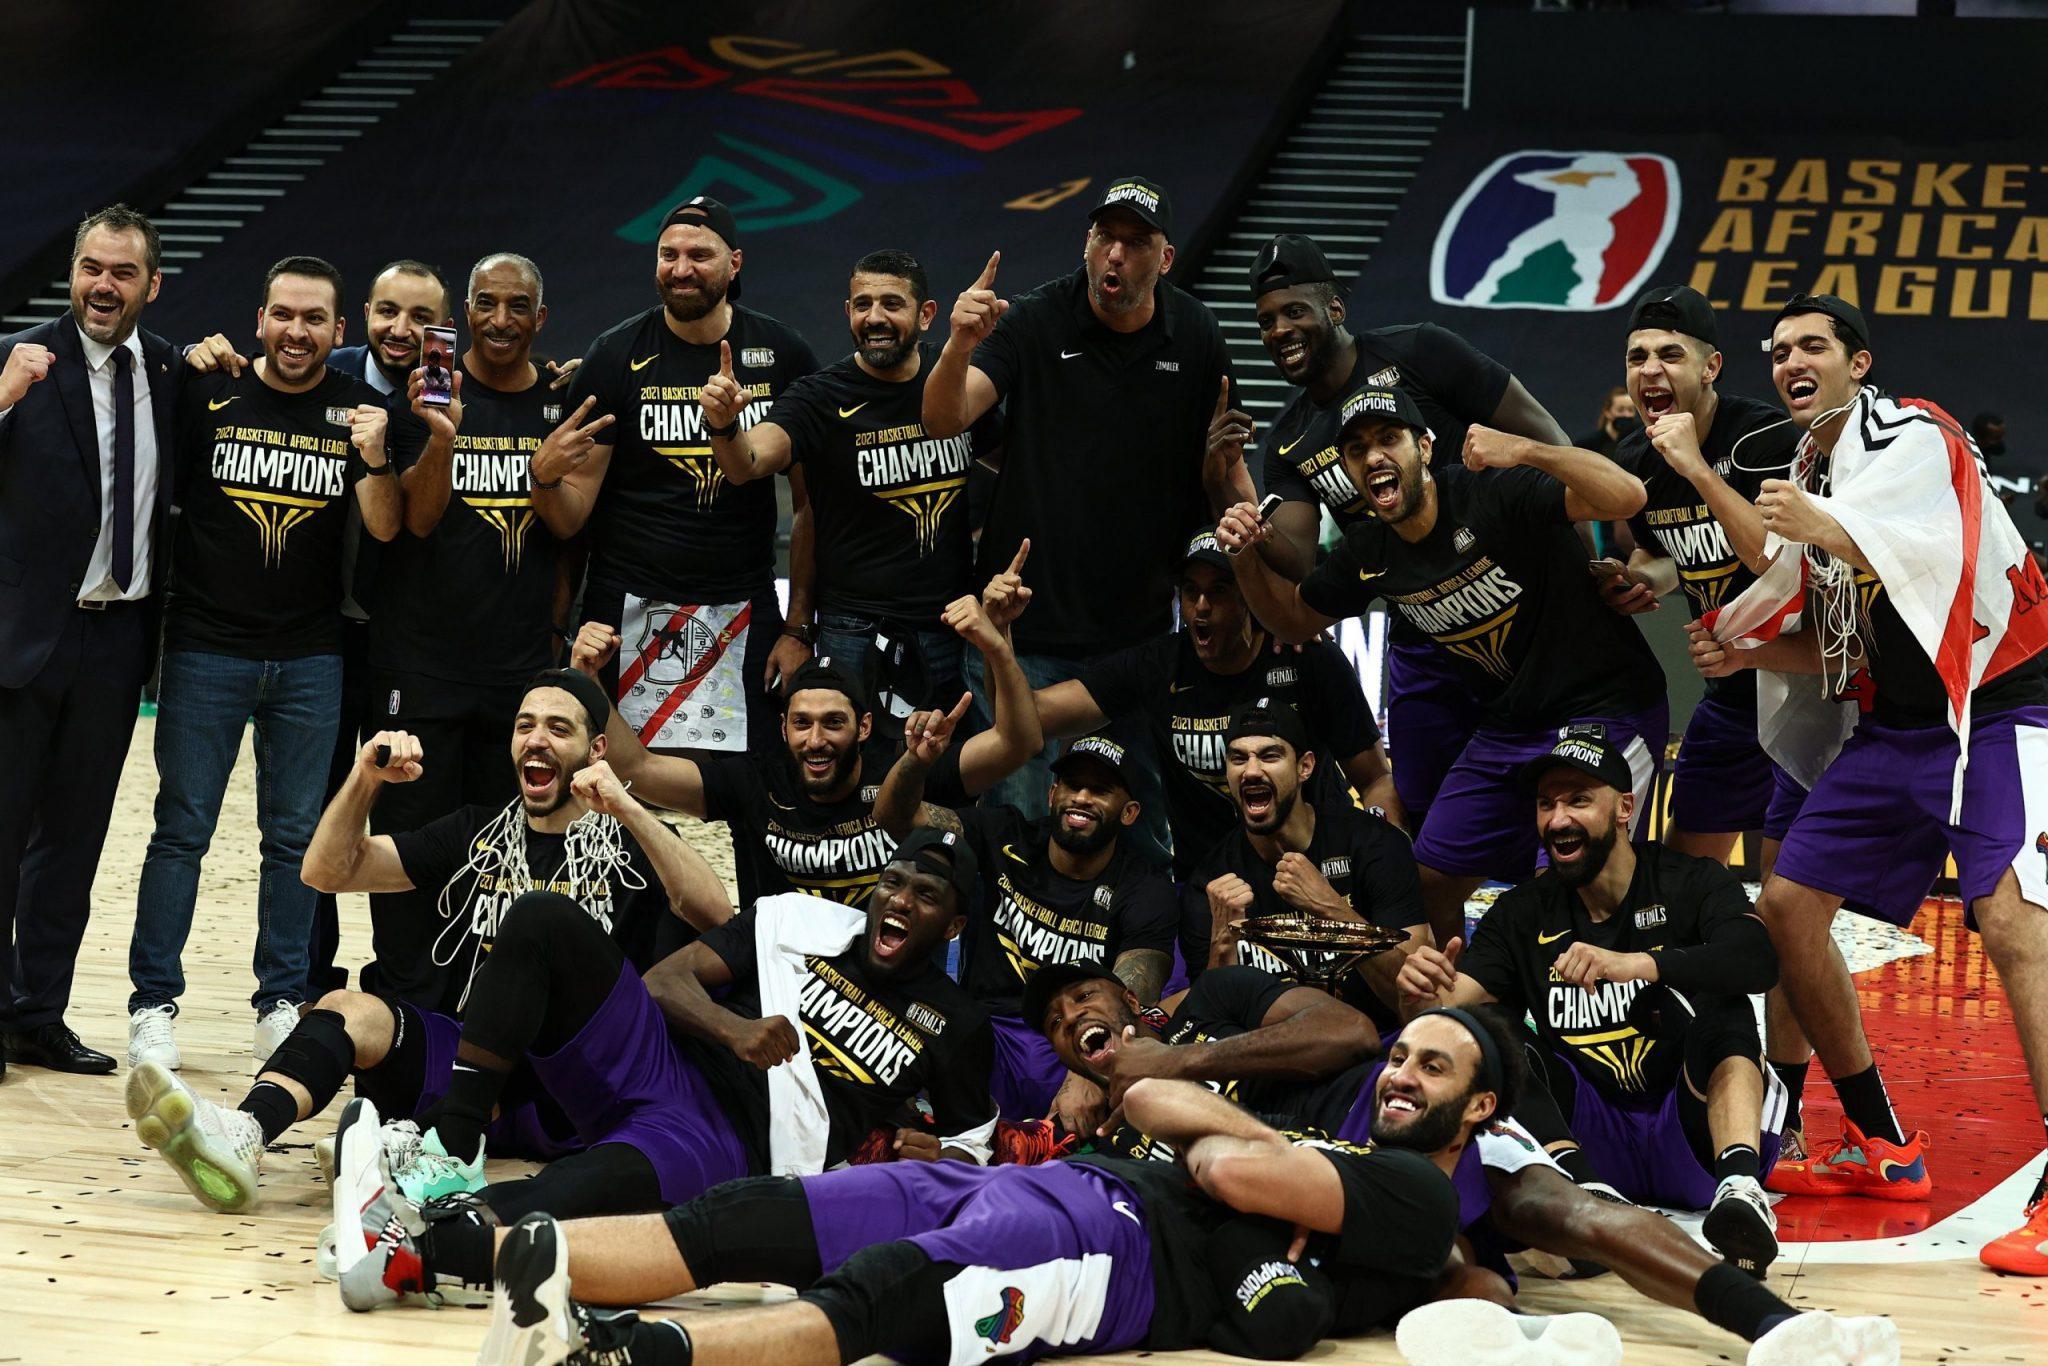 El español Agusti Julbe campeón de la BAL creada por FIBA y NBA